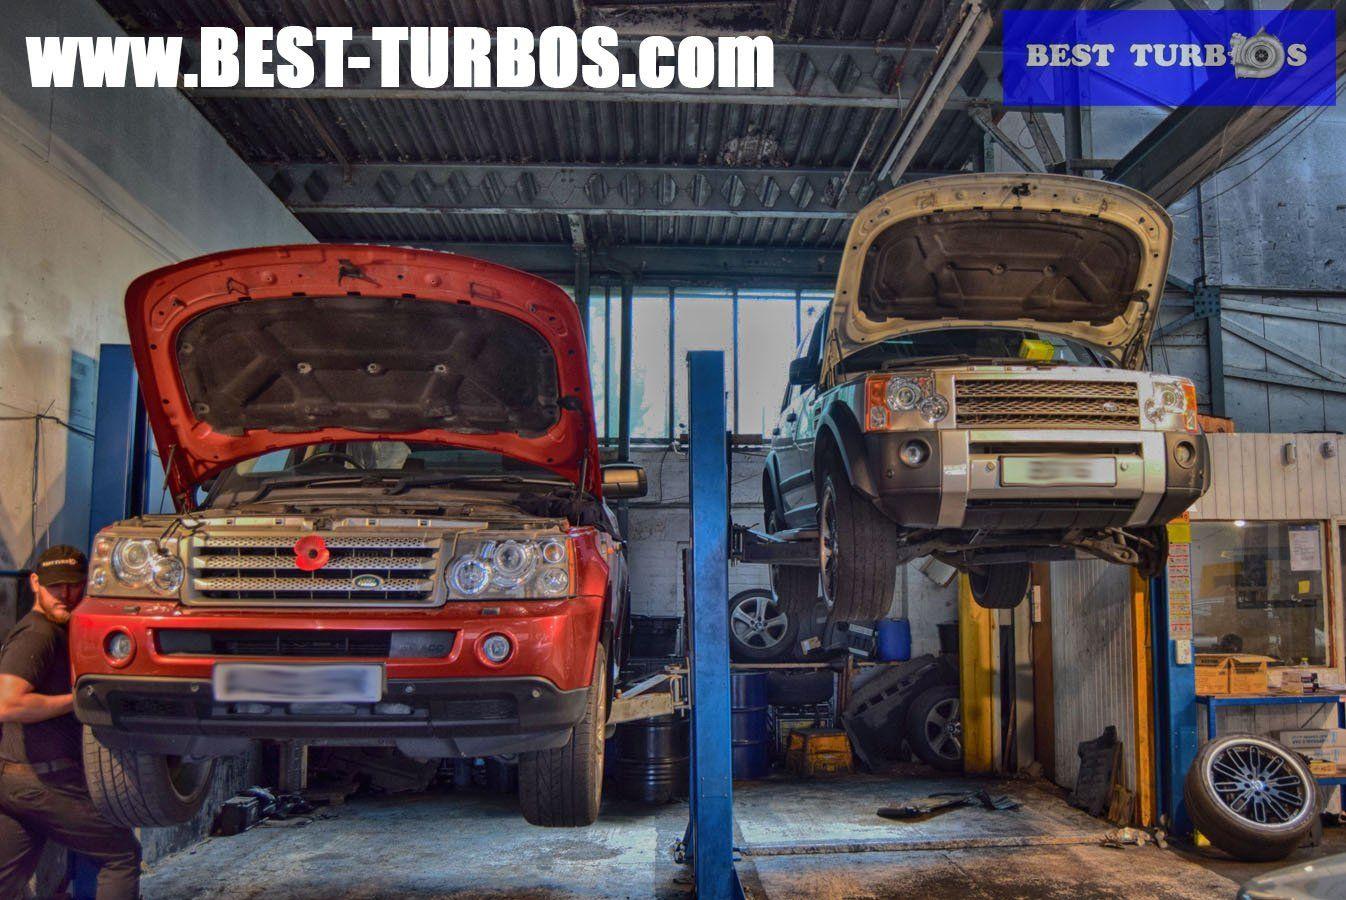 turbo wite smoke problem in car